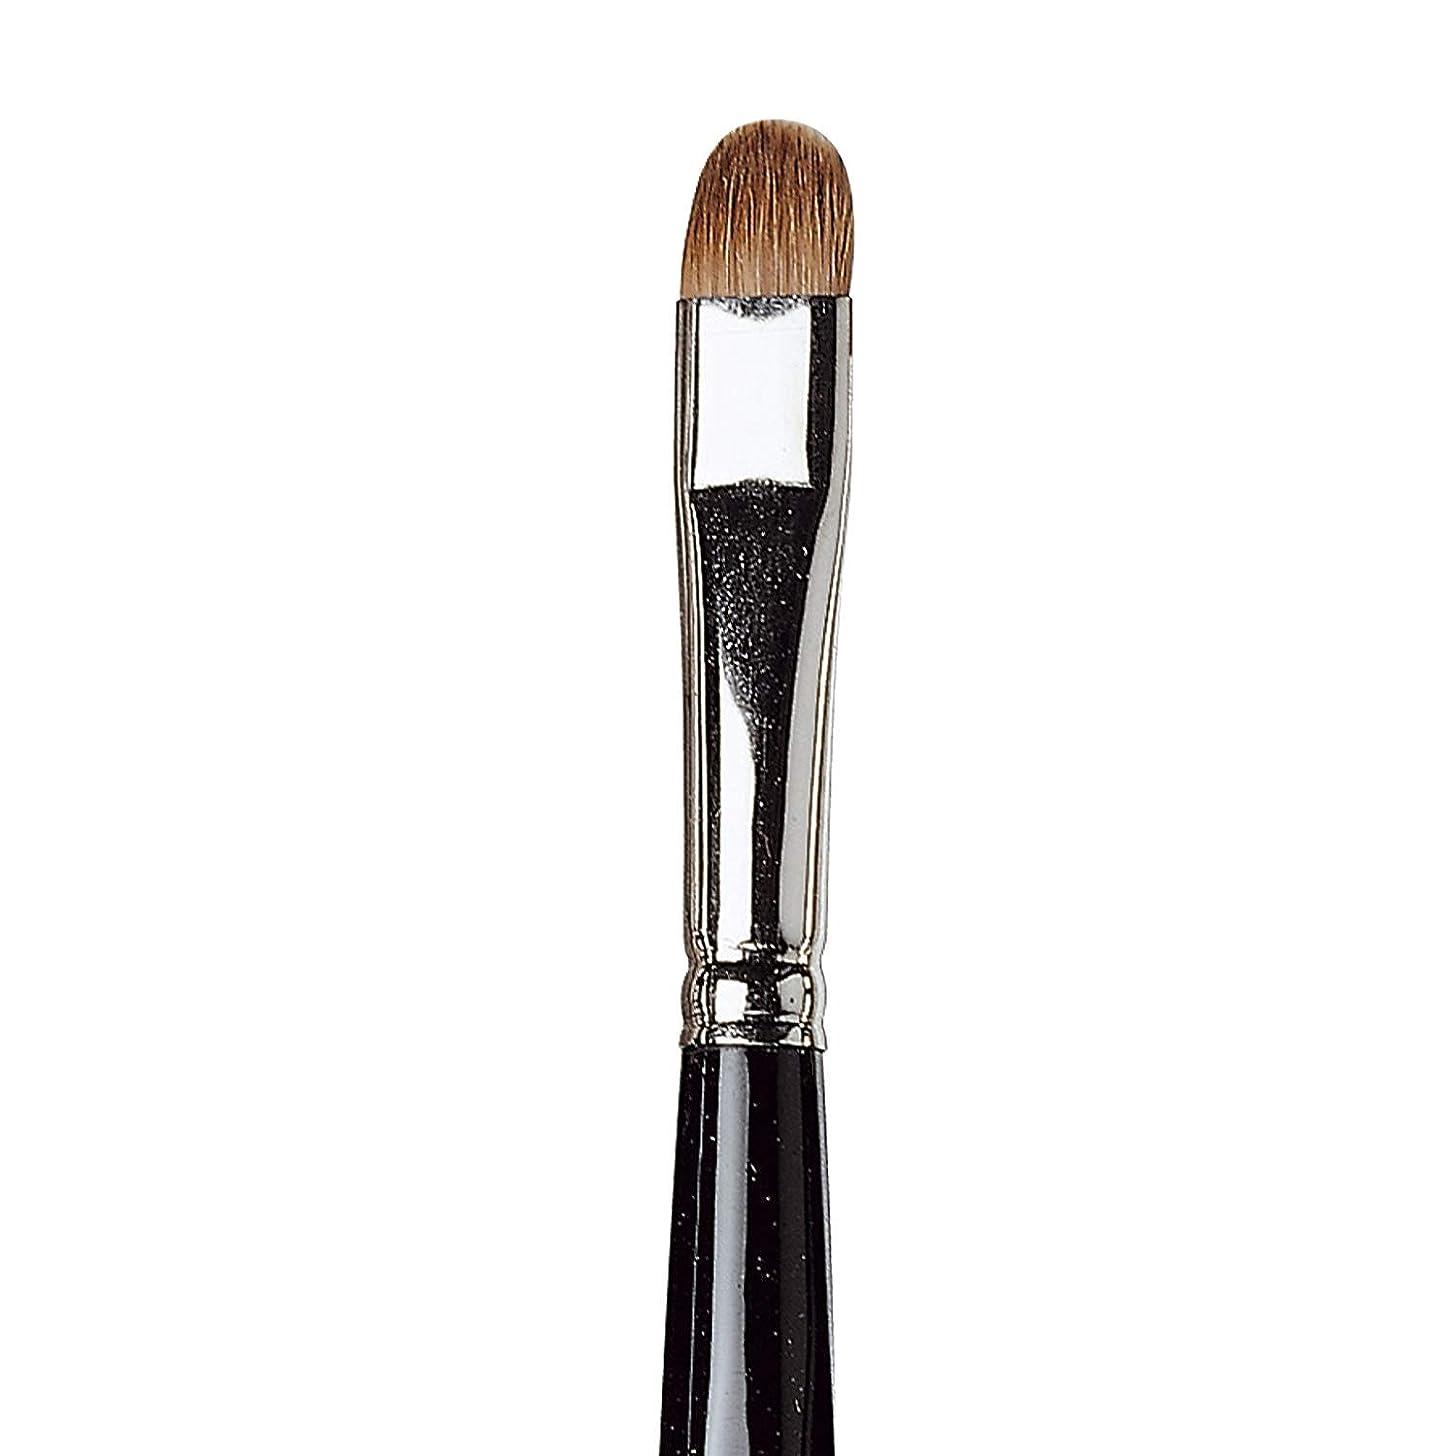 キリスト遺跡大いにPINGFUFF HOME 化粧筆化粧筆、赤面筆、アイシャドウブラシ、ハイライトブラシ、ファンデーションブラシ